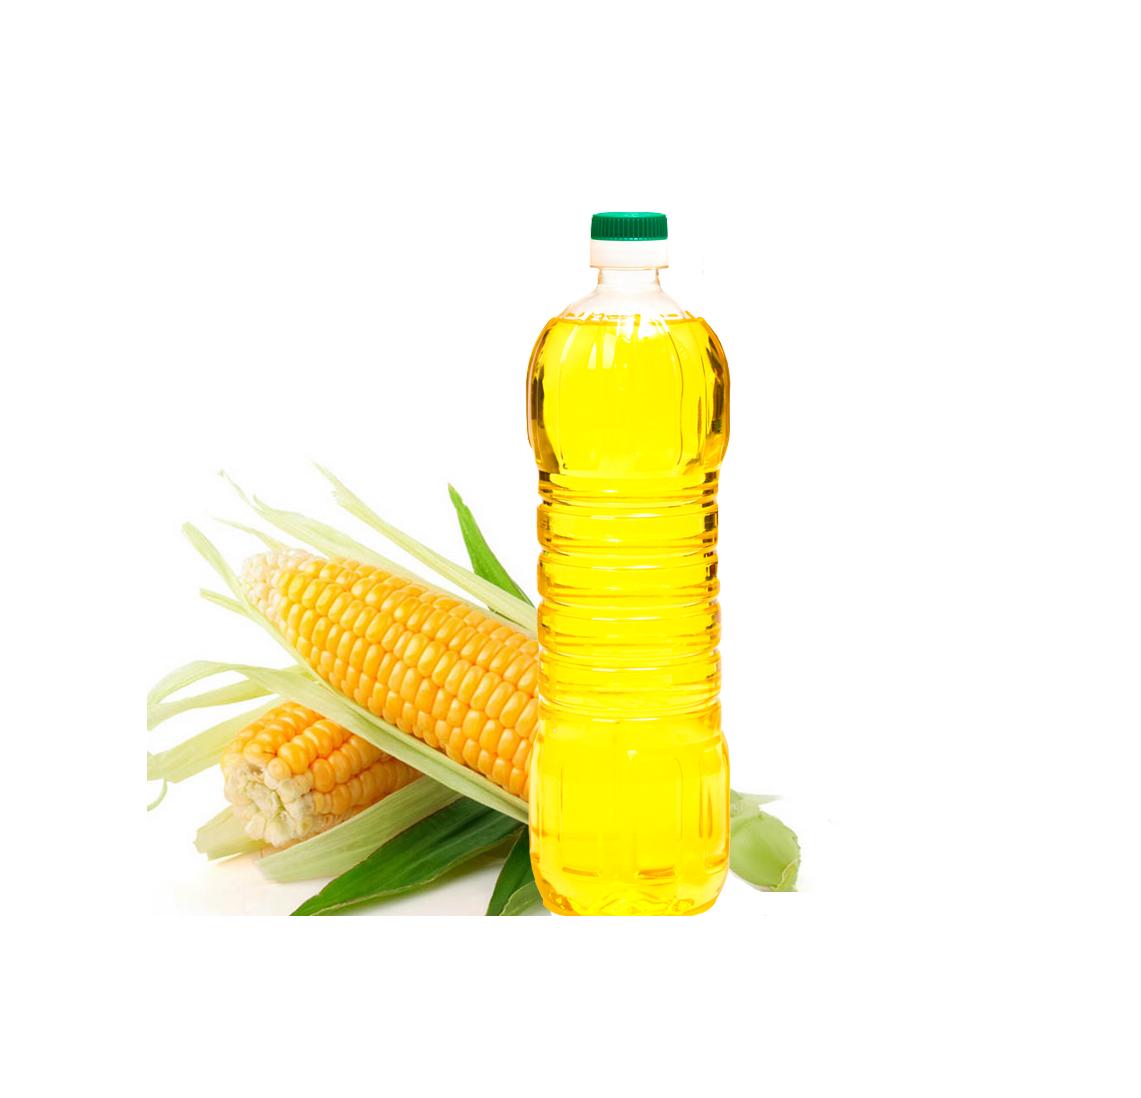 Кукурузное масло: польза и вред, применение в кулинарии и 21